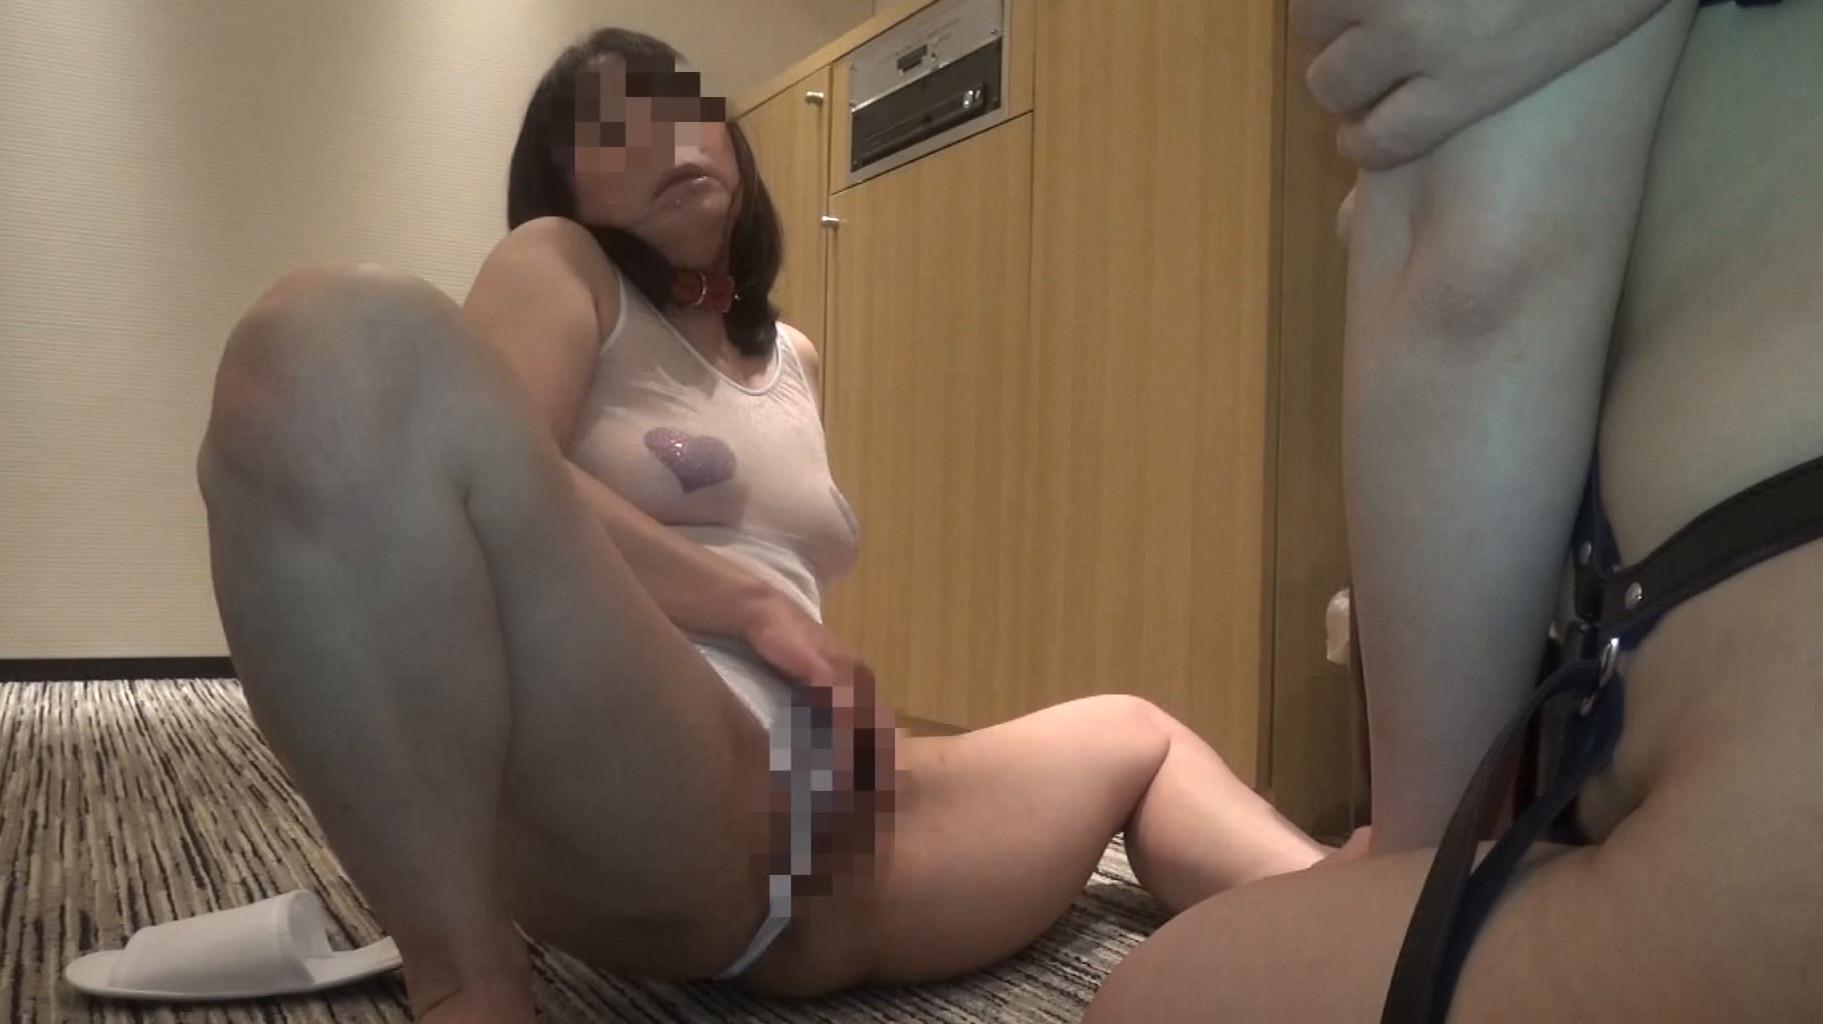 変態投稿 集団SEXに悶える熟女 画像10